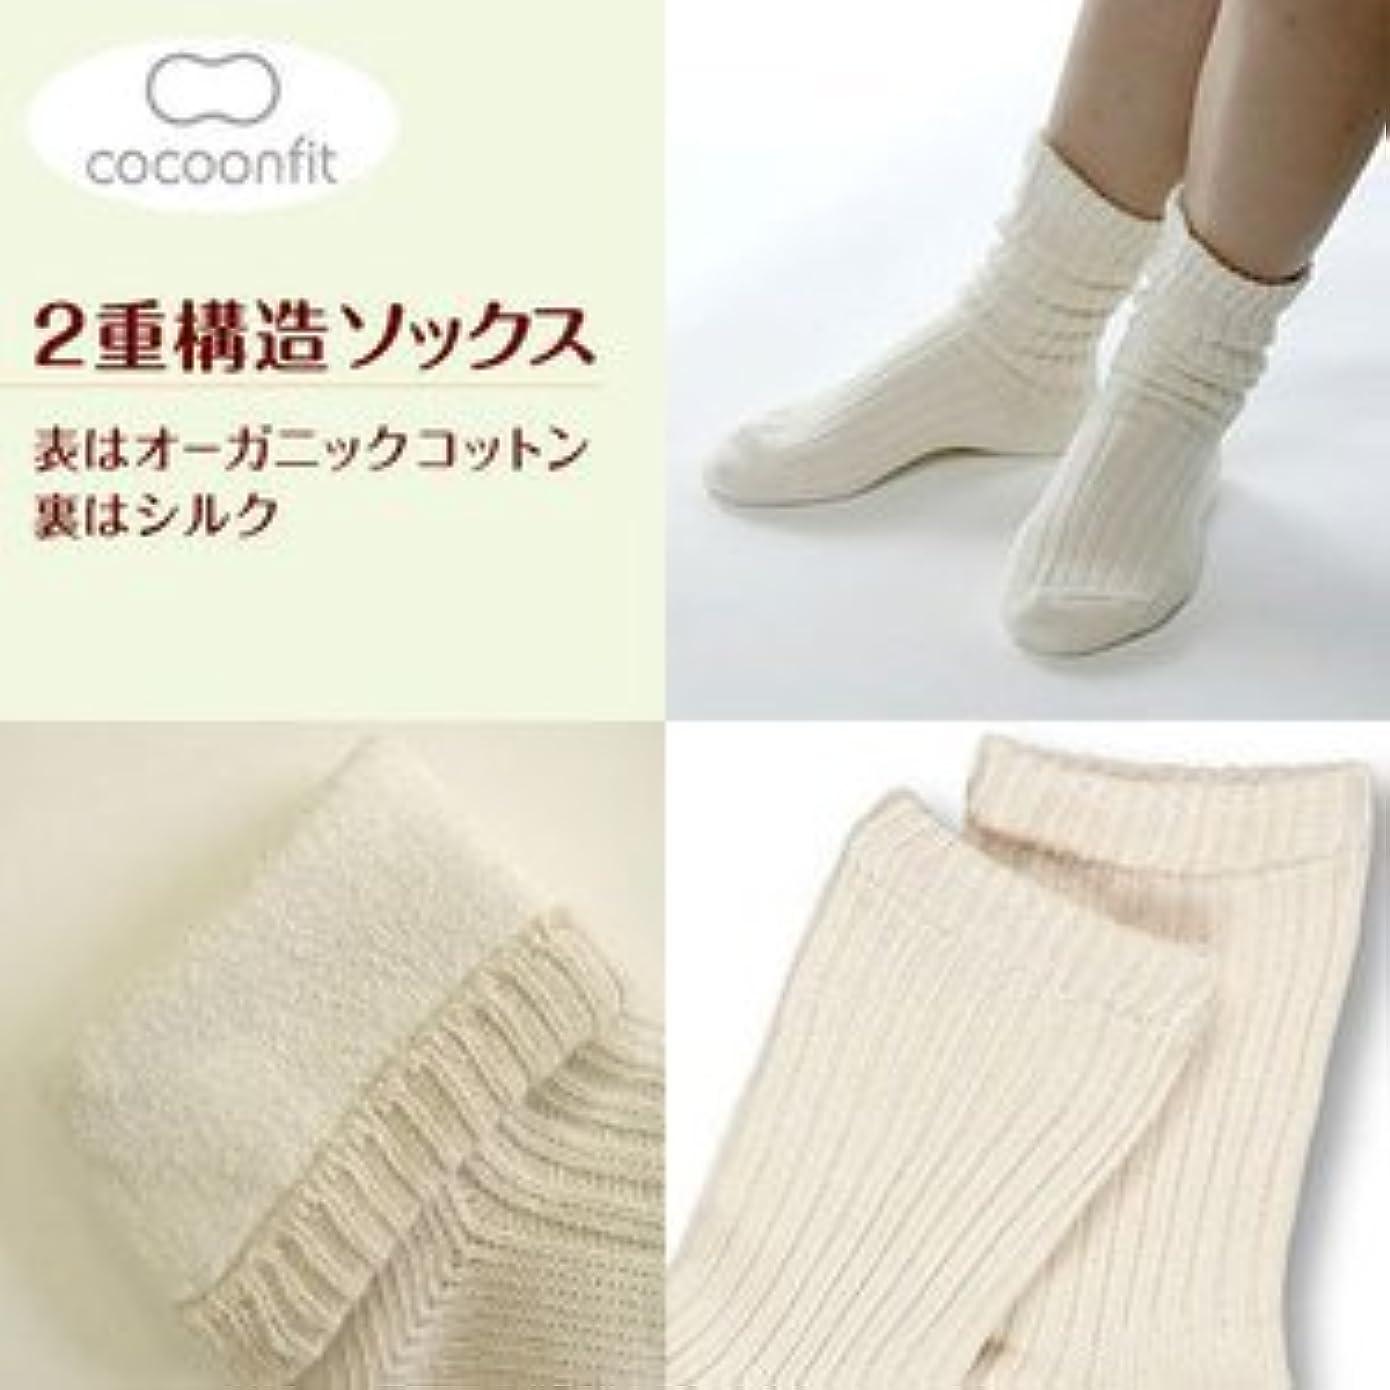 お勧め外交精神的にシルク 2重編みソックス (冷え取り靴下、冷えとり 靴下 シルク、重ね、二重)